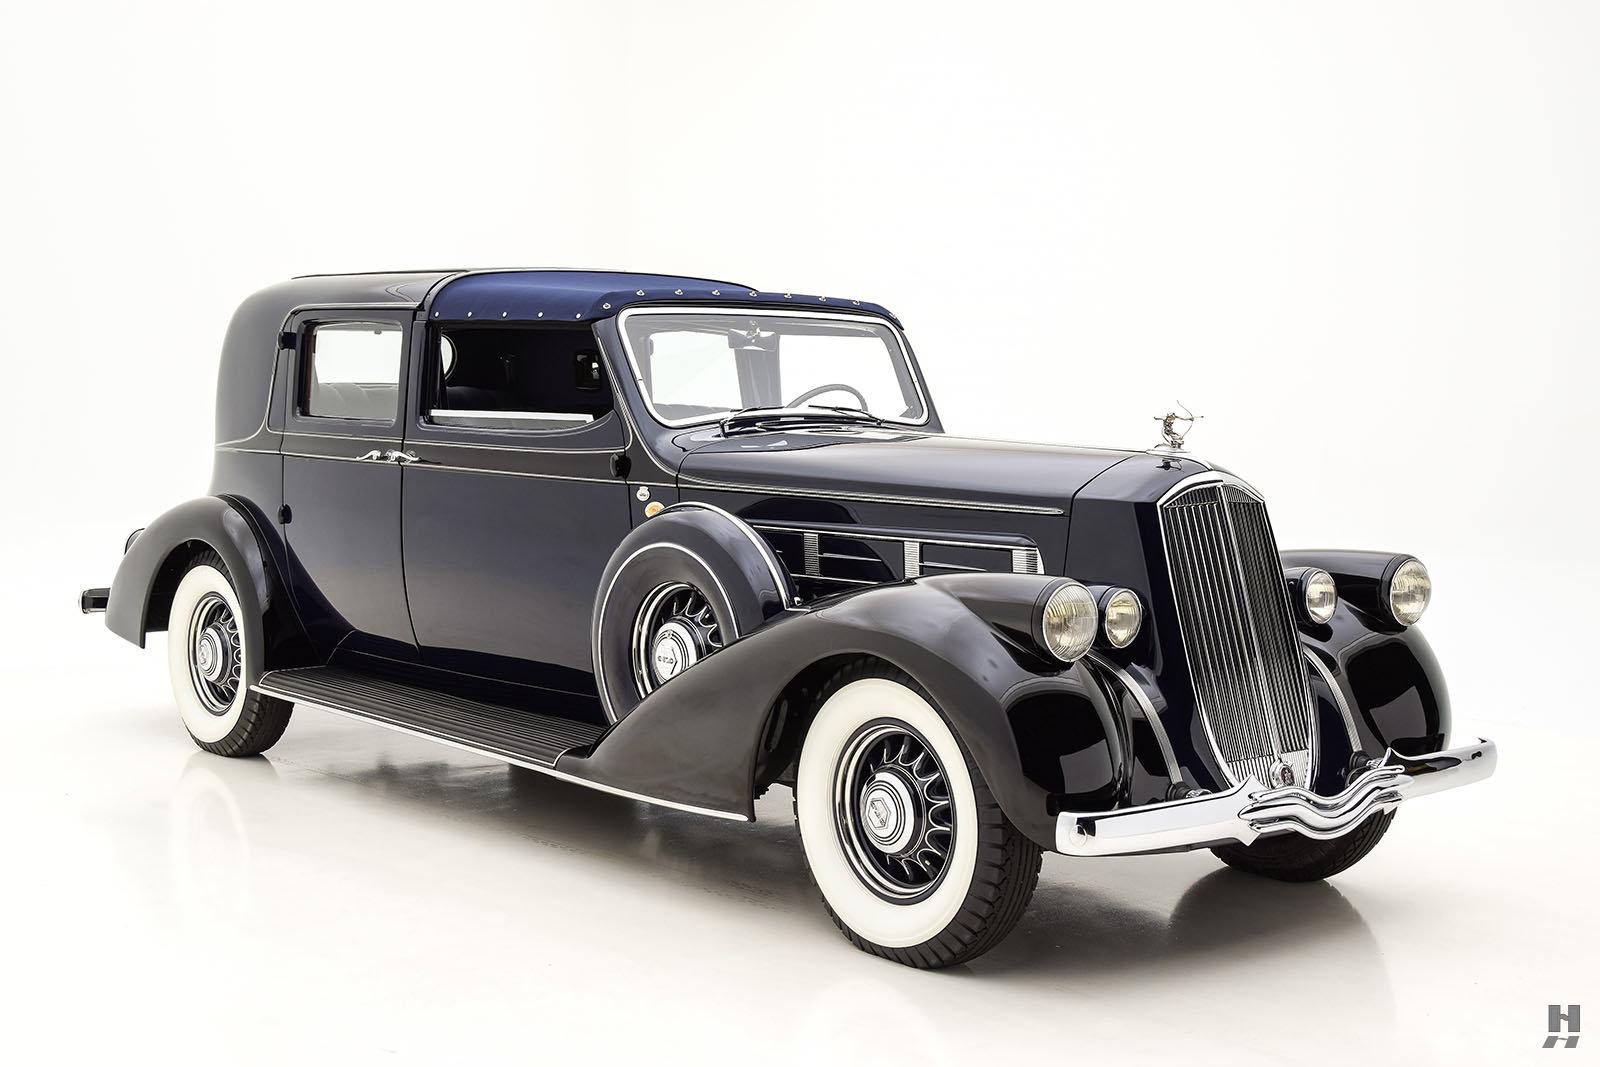 1936 PIERCE ARROW SALON TWELVE TOWN CAR BY DERHAM For Sale (picture 2 of 6)